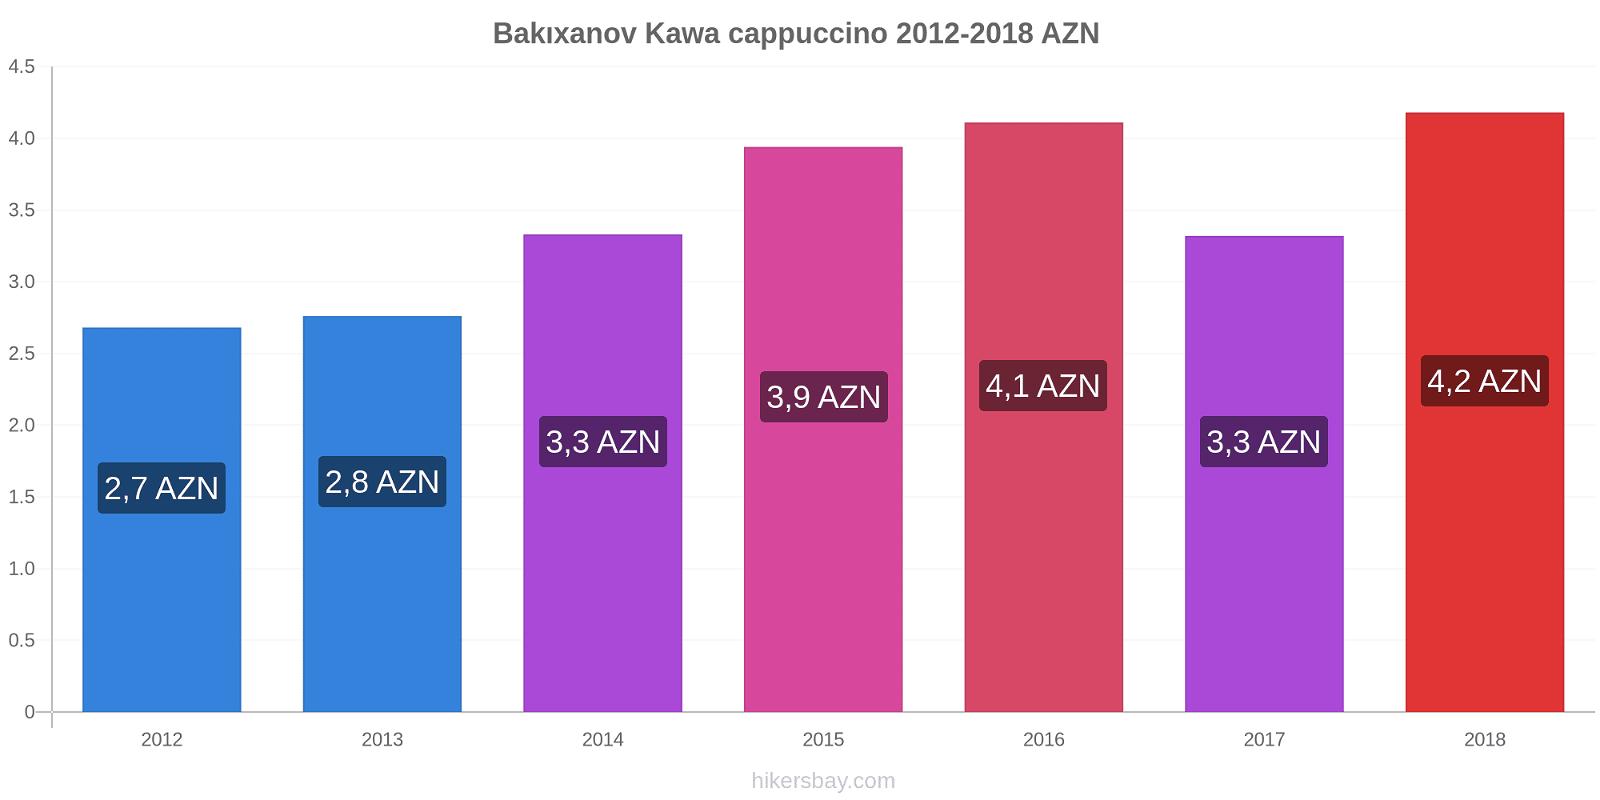 Bakıxanov zmiany cen Kawa cappuccino hikersbay.com